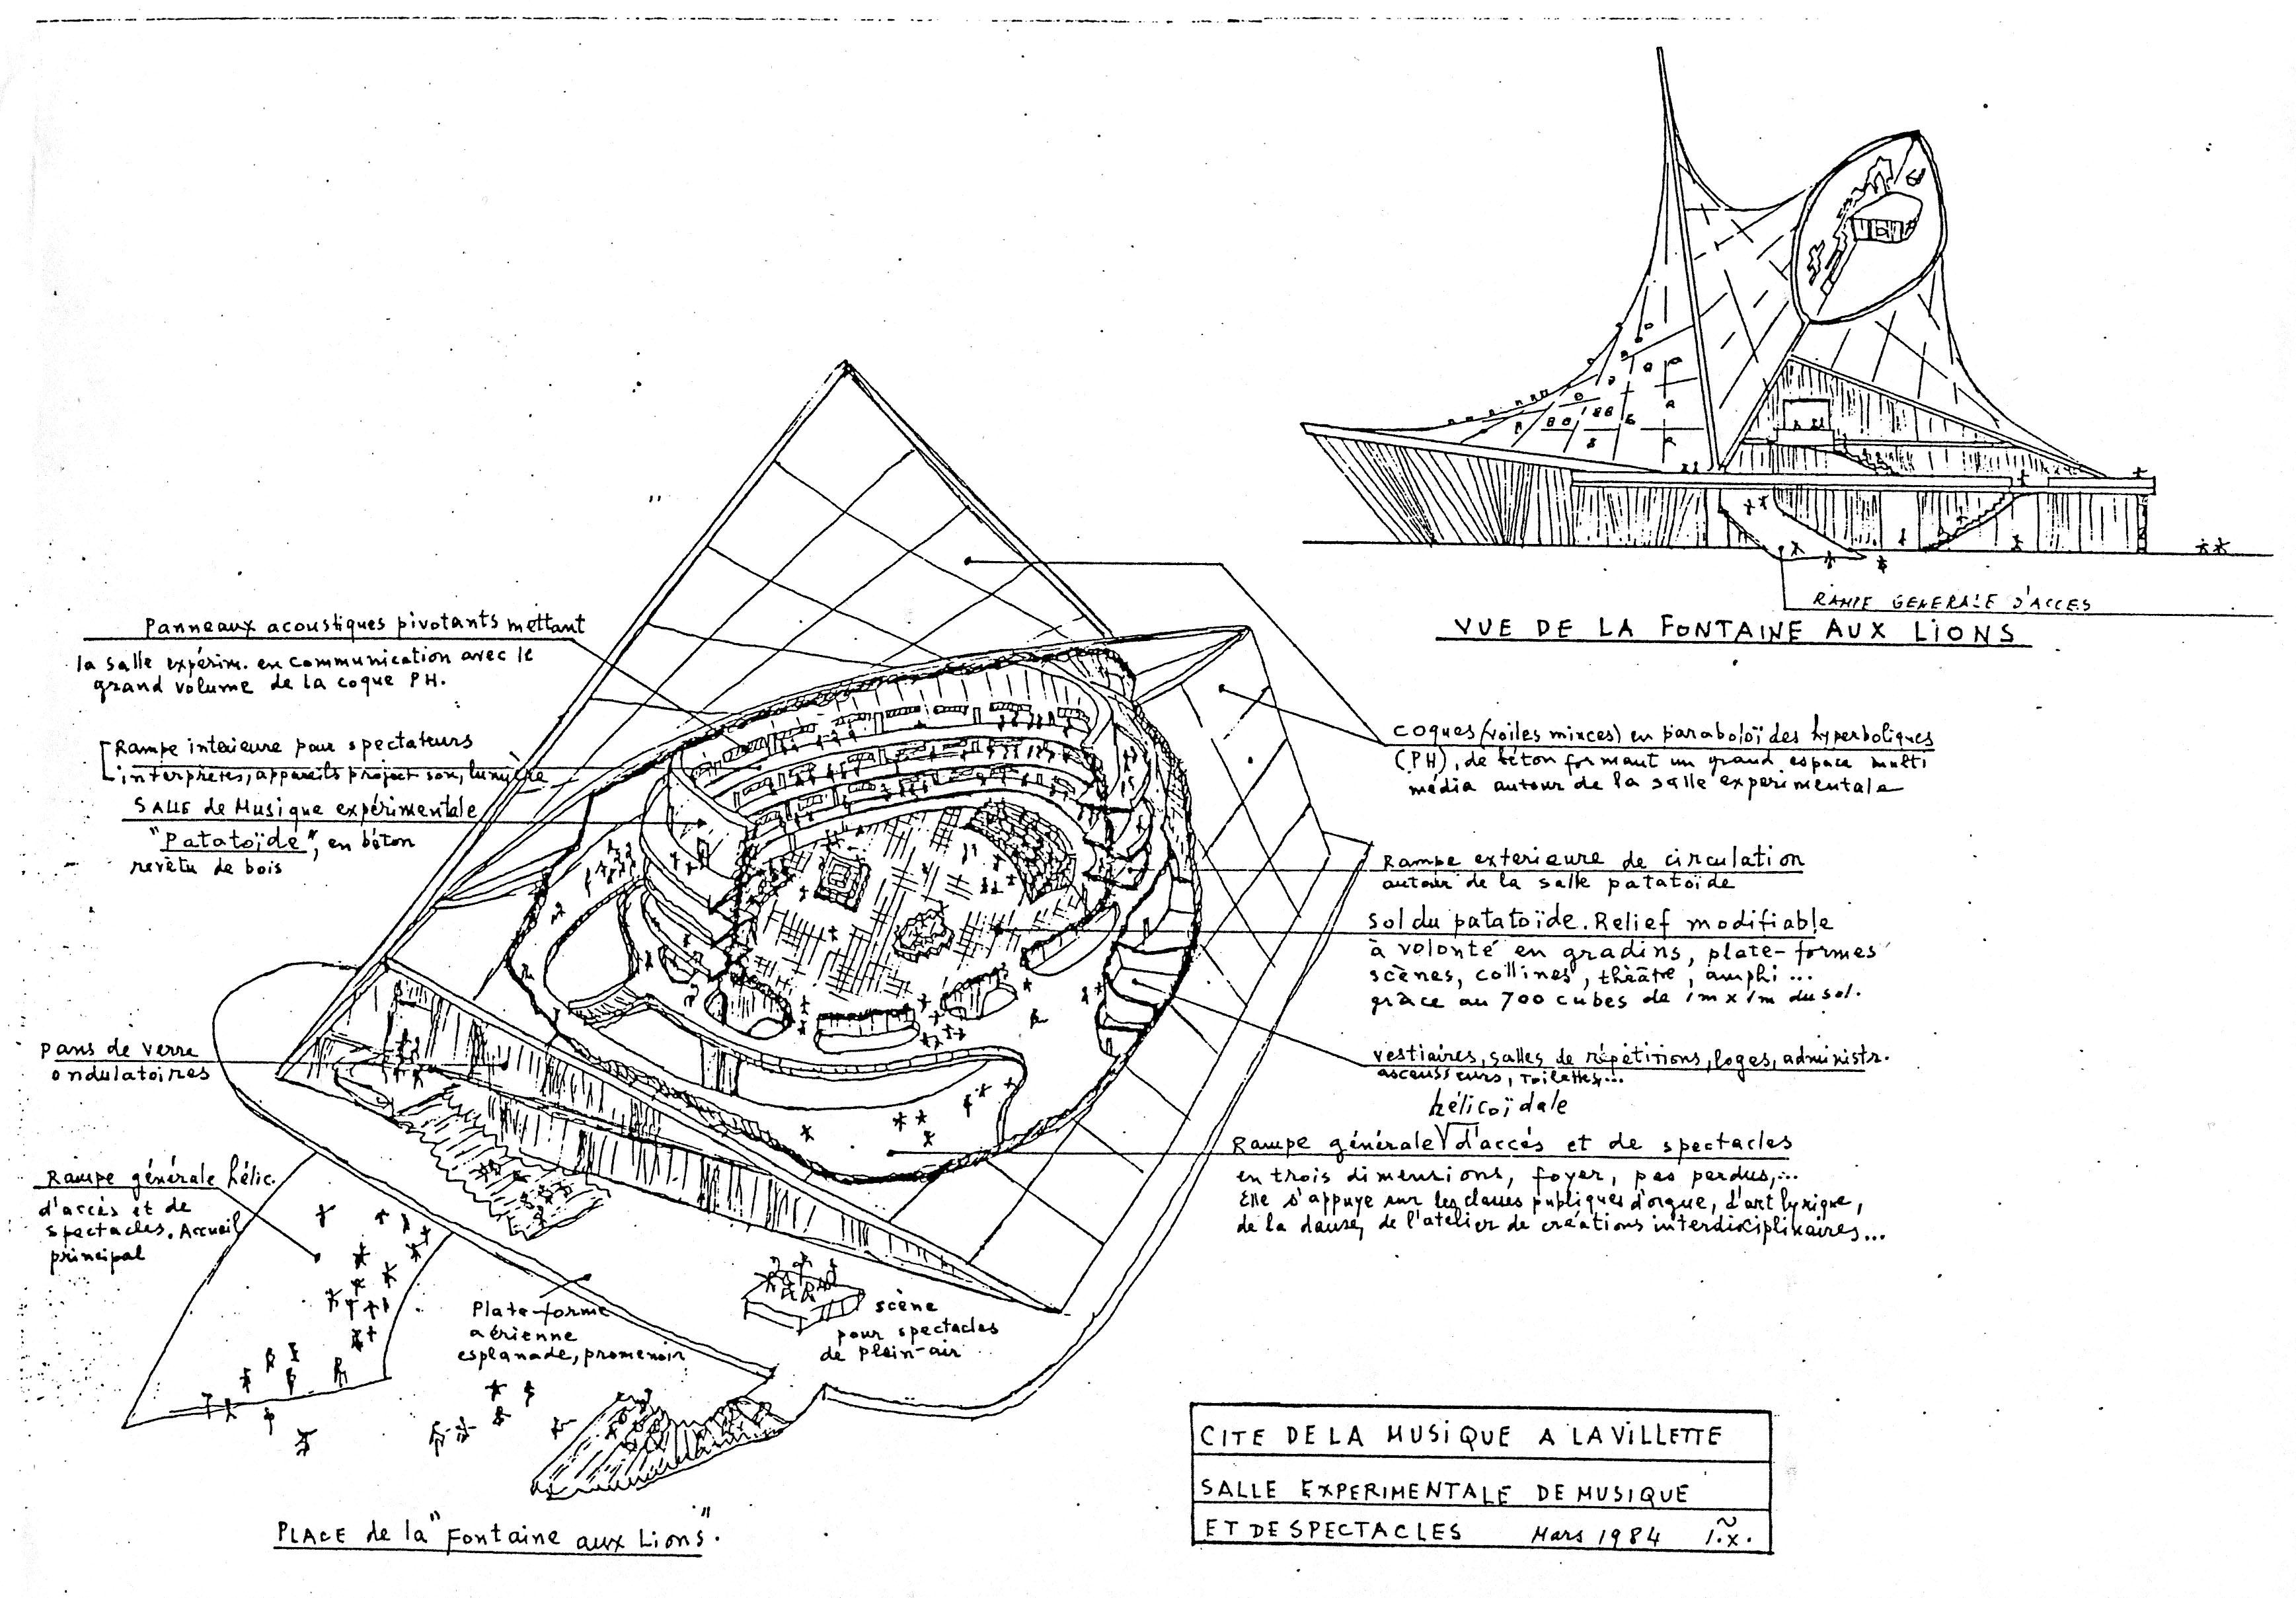 Dessin de Xenakis d'une salle expérimentale de musique pour on projet avec Jean-Louis Véret pour la Cité de la Musique de La Villette, Paris, 1984.